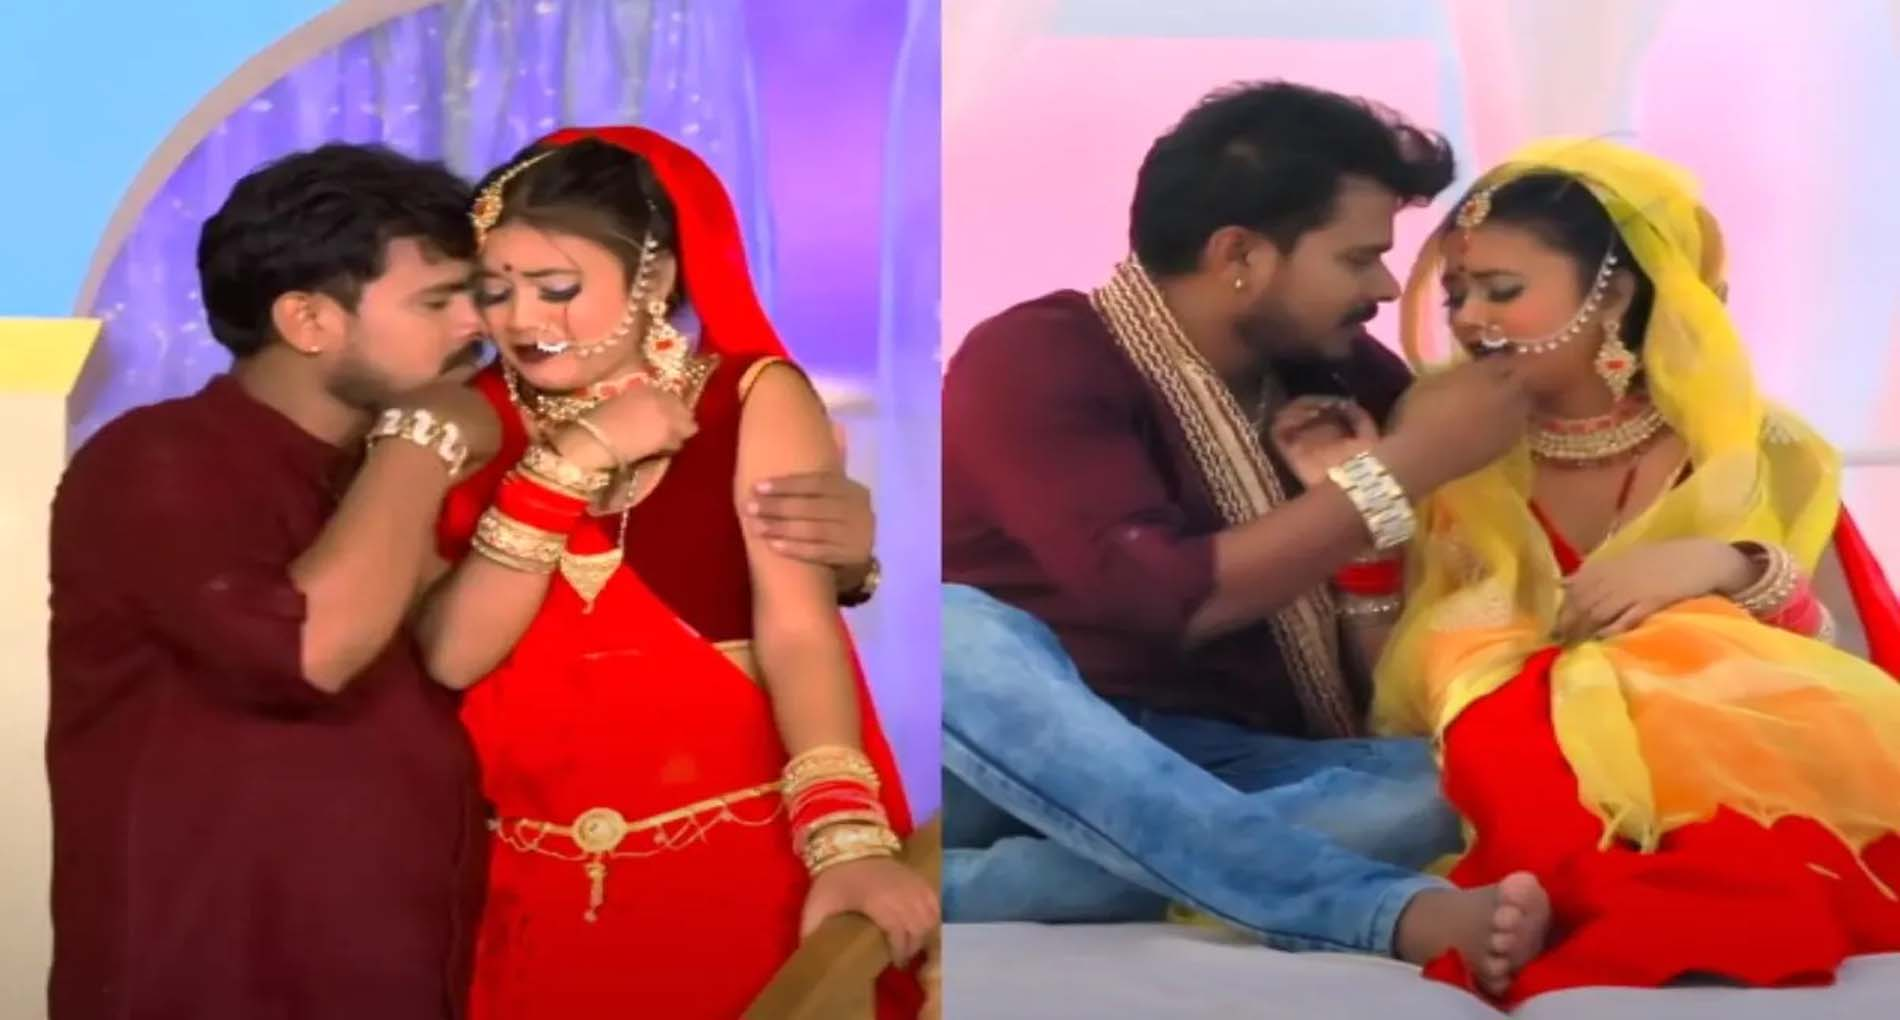 Bhojpuri Song 2021: रिलीज के साथ धमाल मचा रहा प्रमोद प्रेमी का गाना! एक दिन में मिले 20 लाख व्यूज